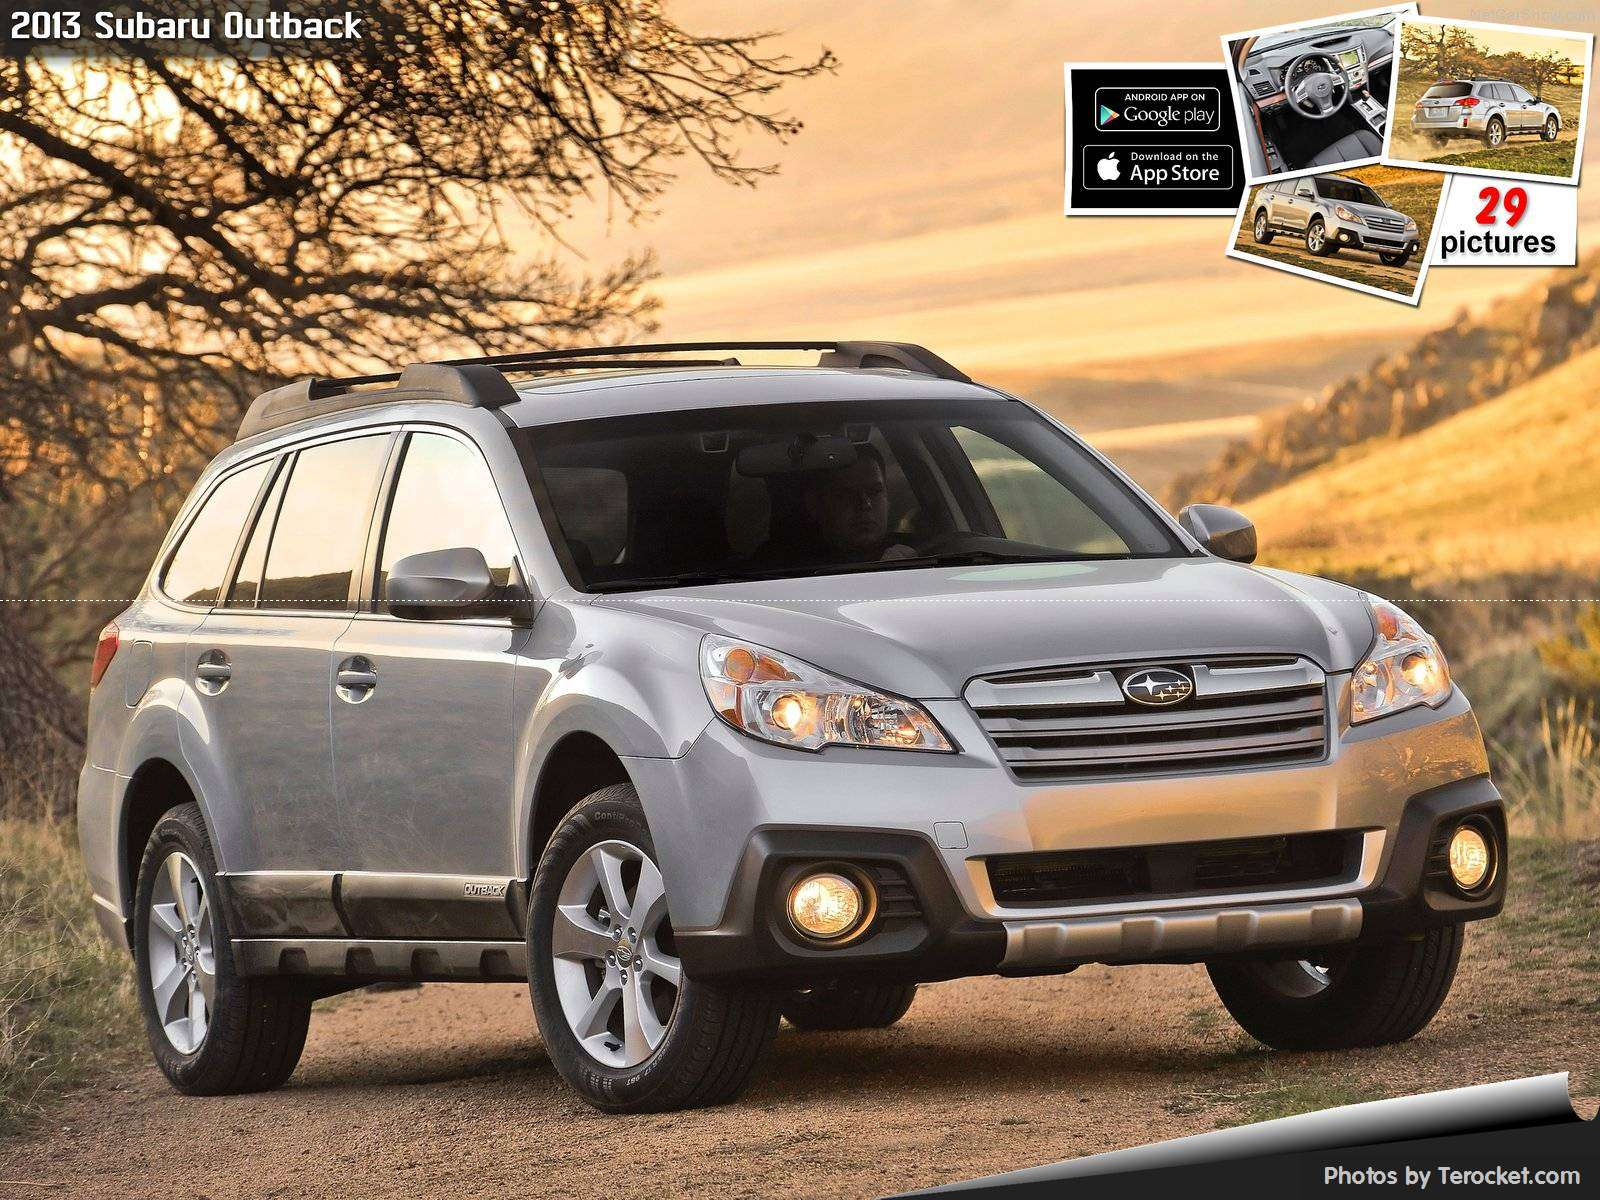 Hình ảnh xe ô tô Subaru Outback 2013 & nội ngoại thất